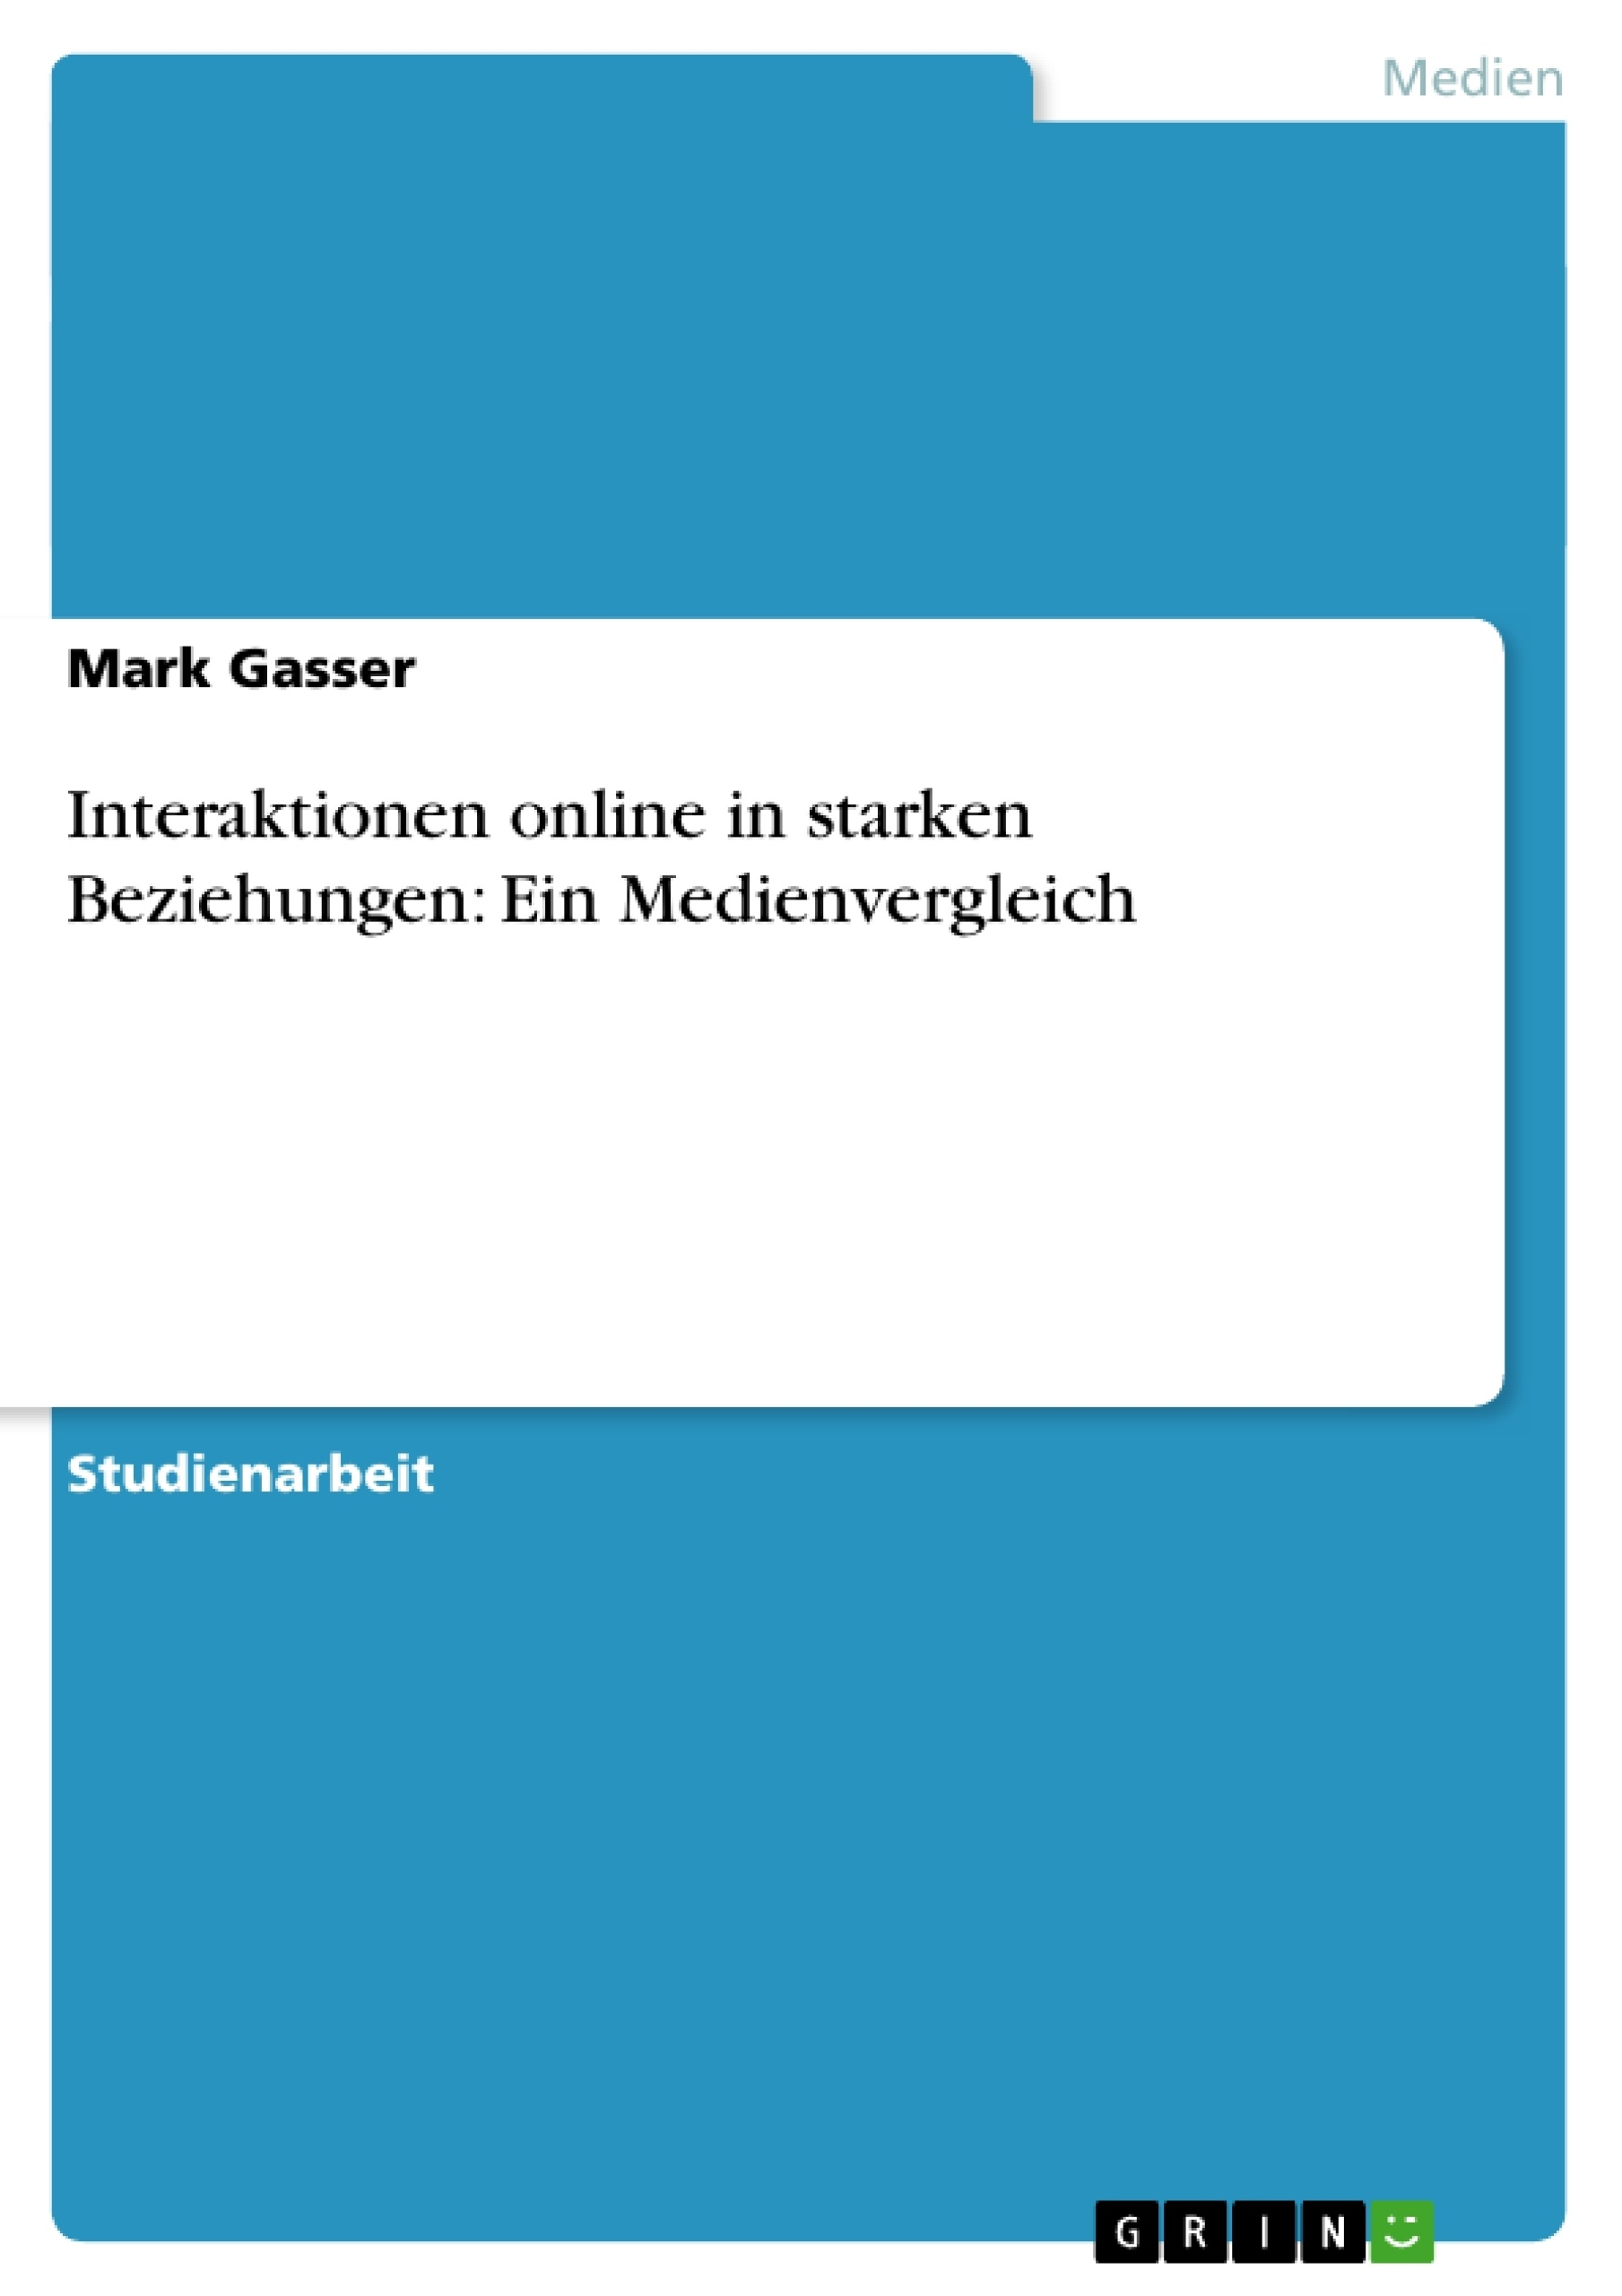 Titel: Interaktionen online in starken Beziehungen: Ein Medienvergleich